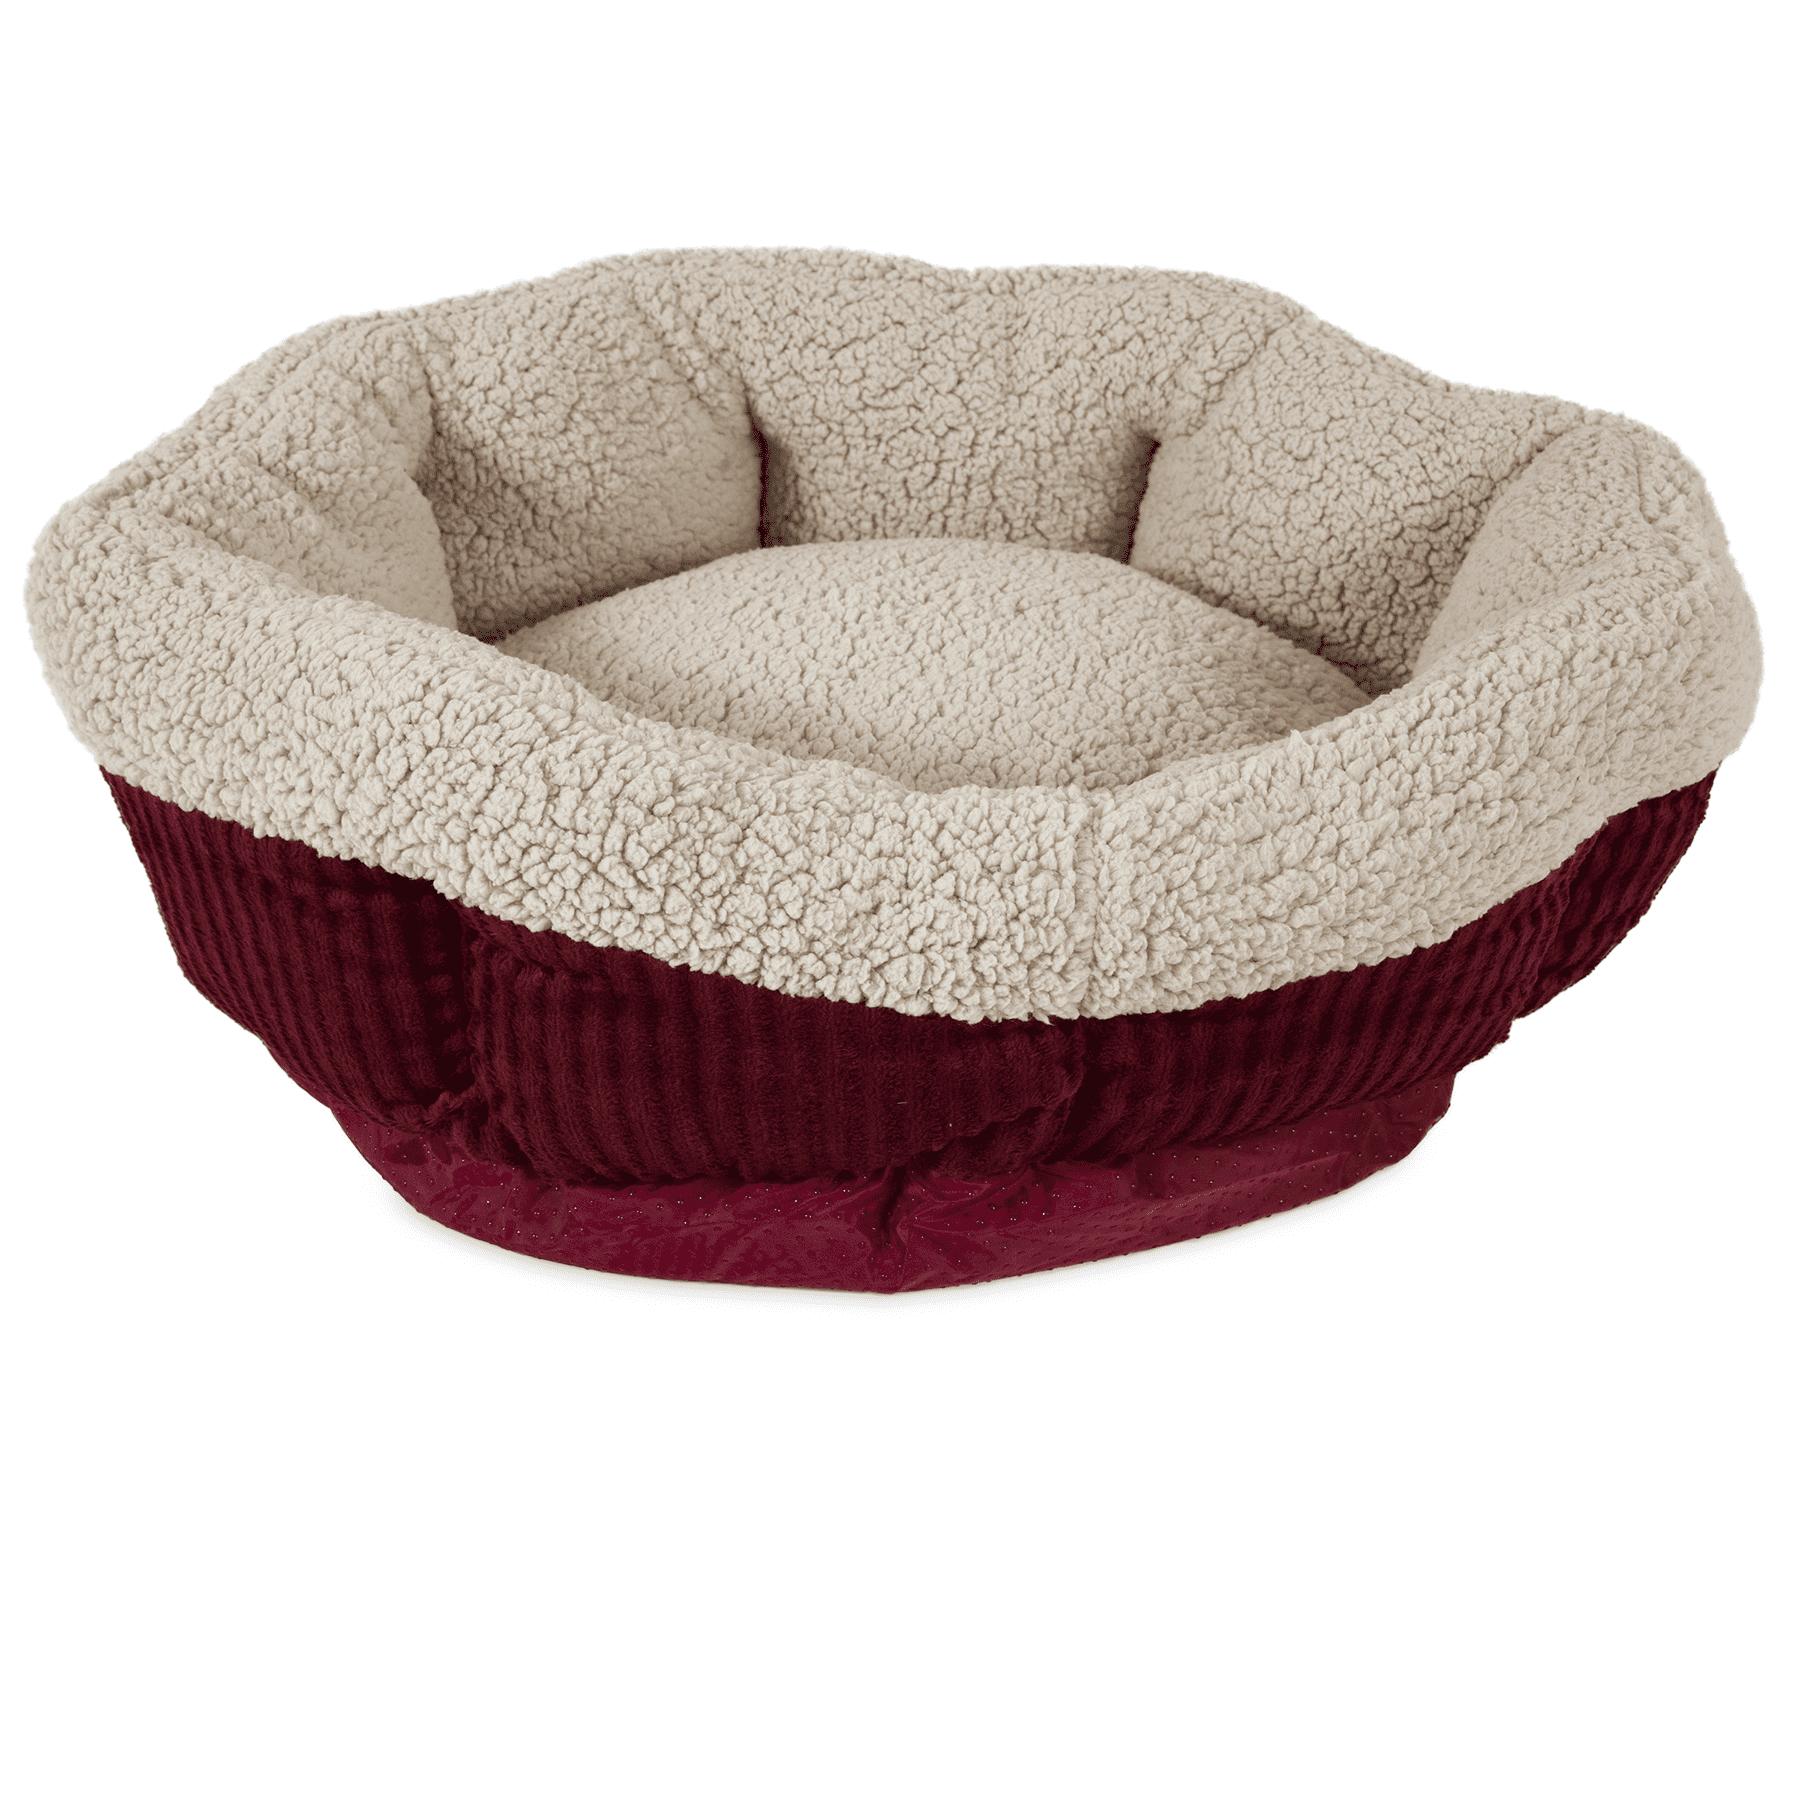 Aspen Pet Self Warming Pet Cat Bed, Red